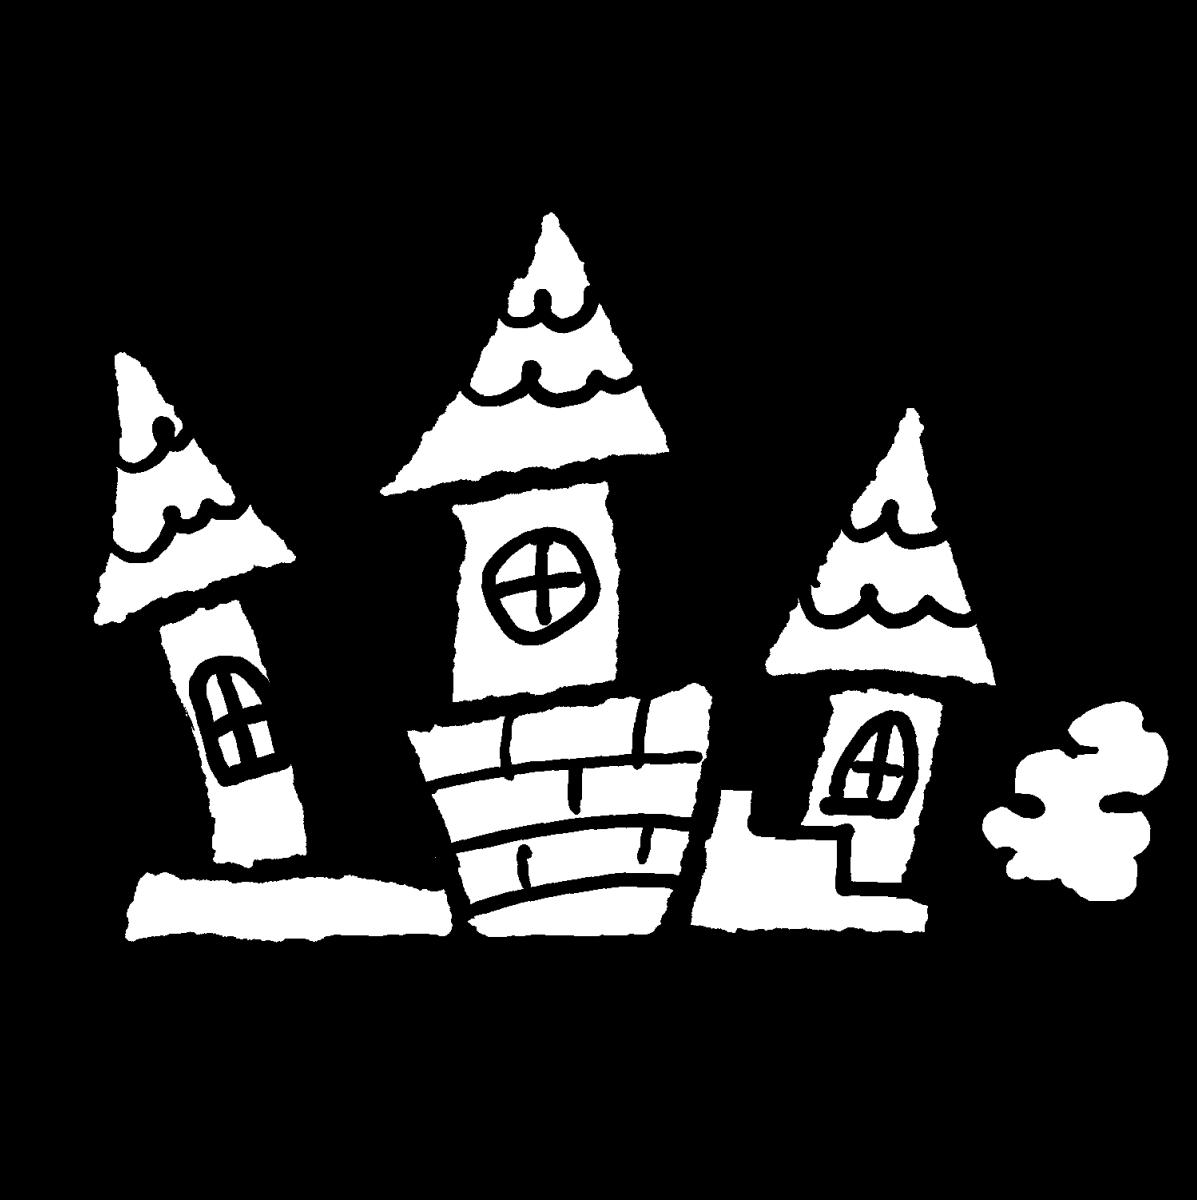 西洋風の屋敷のイラスト / Western-style house Illustration